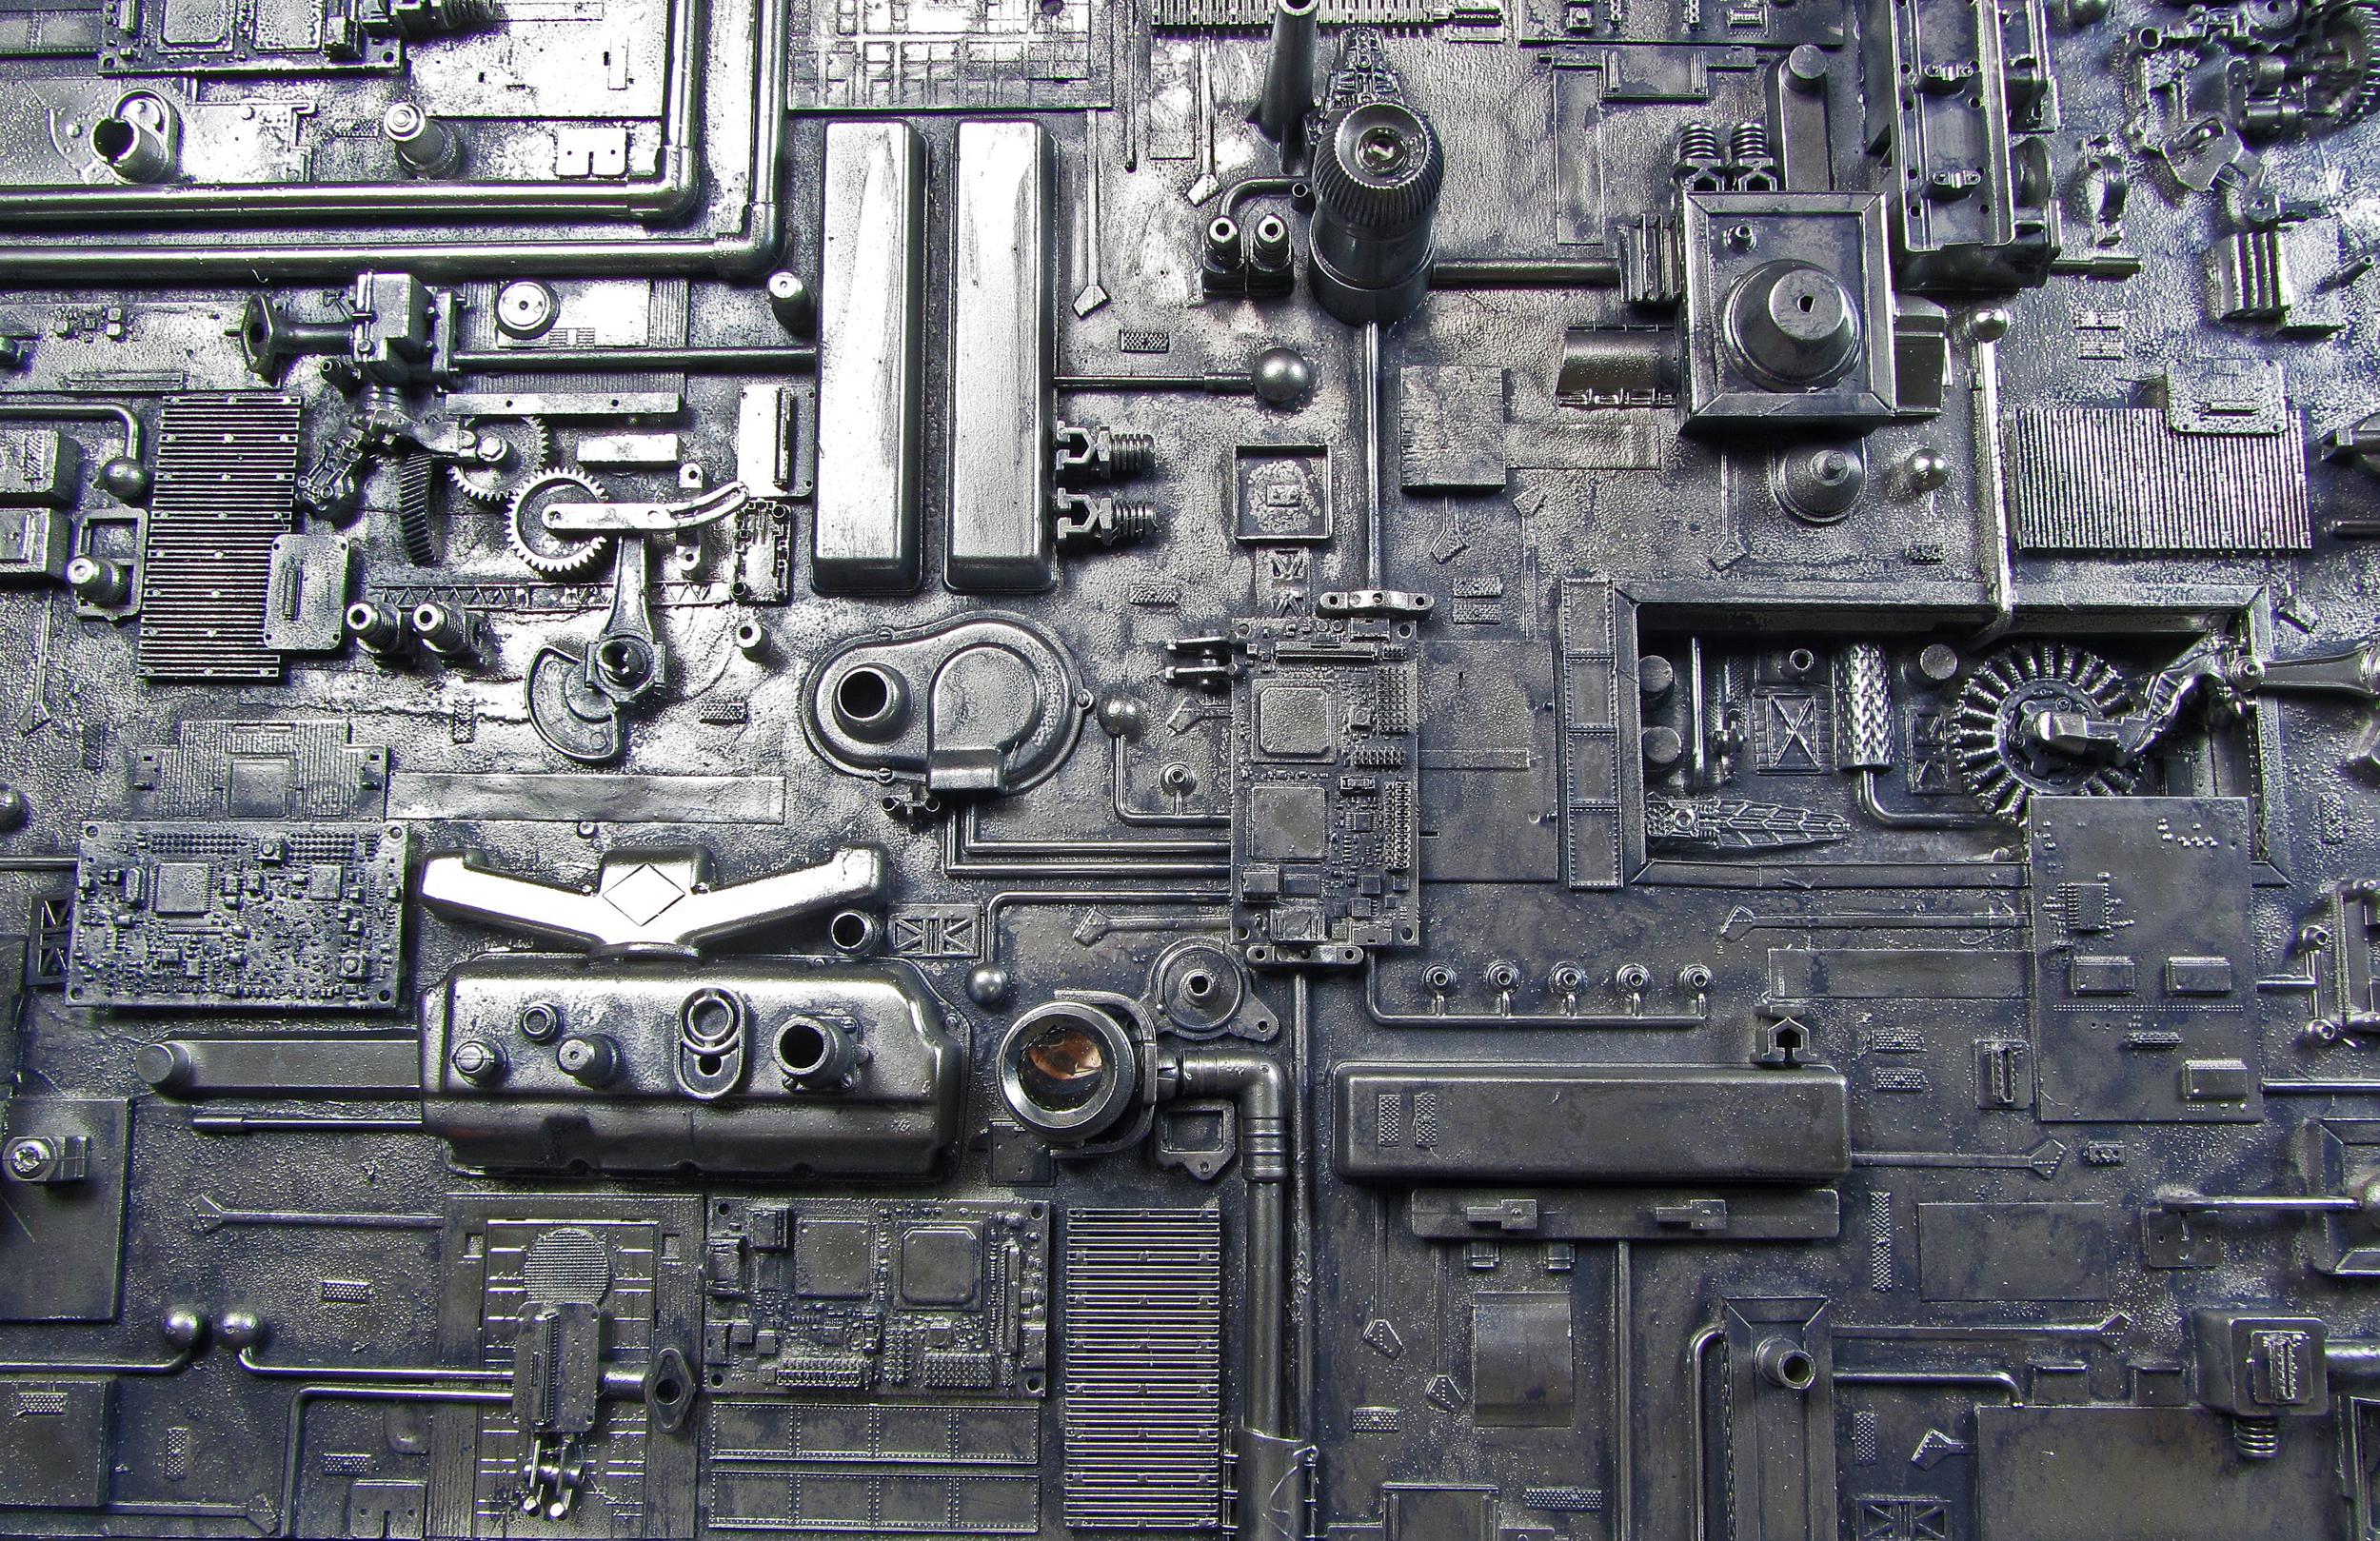 OptoMechiTron